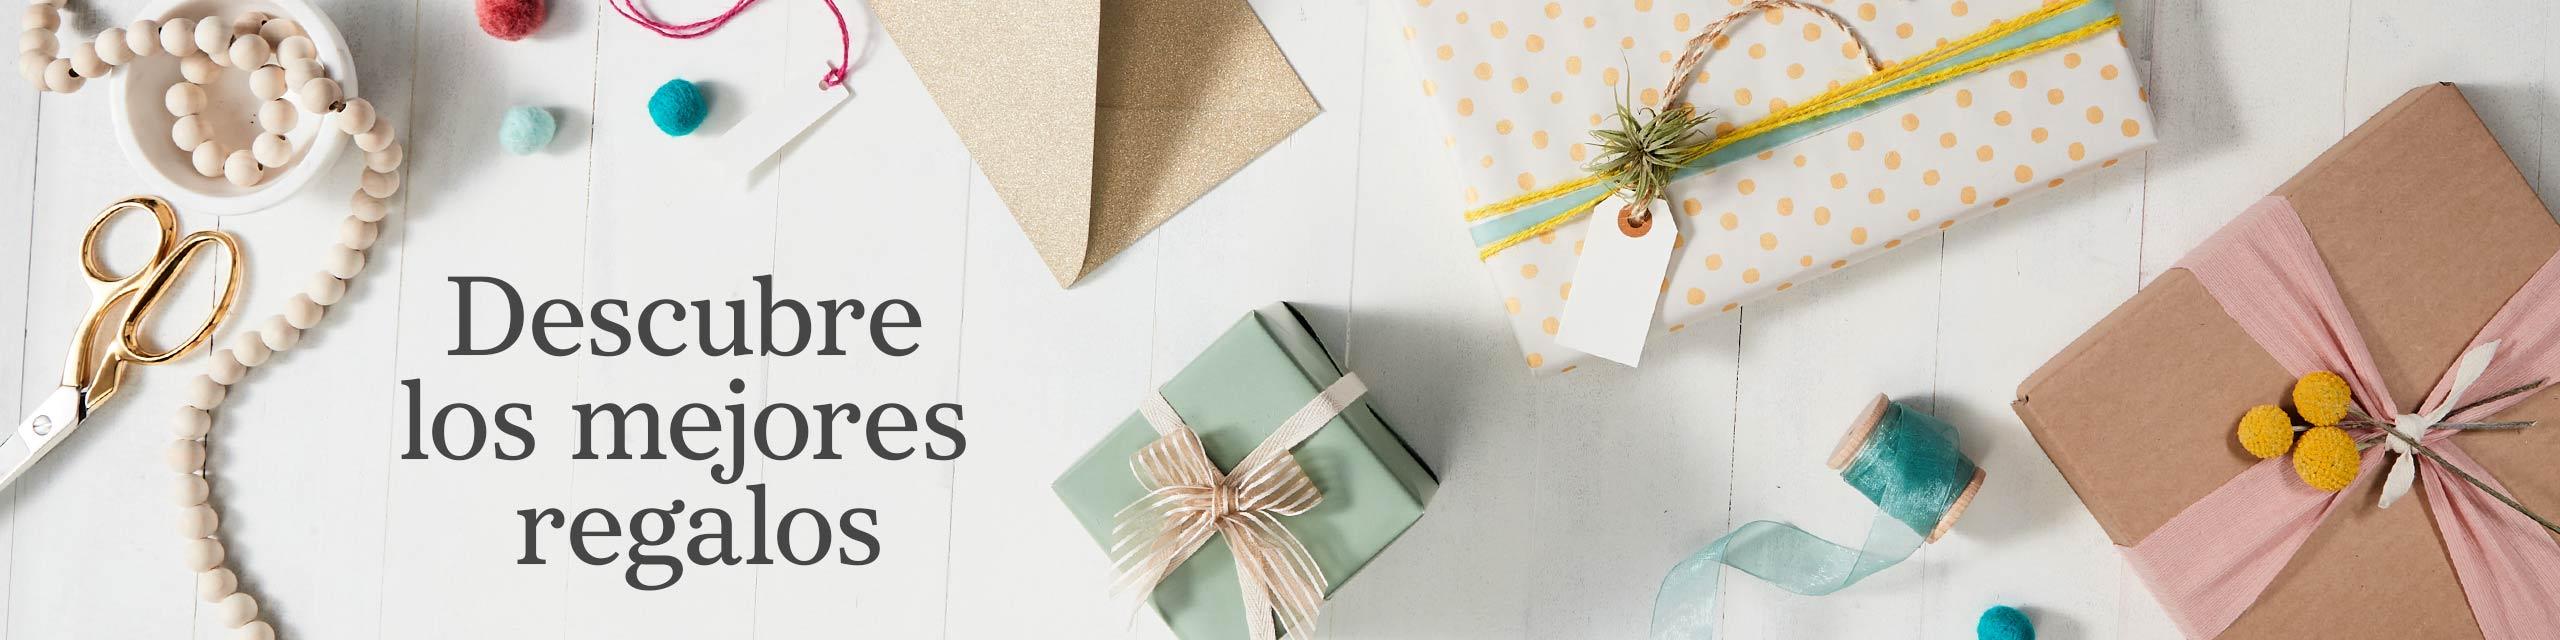 Descubre los mejores regalos